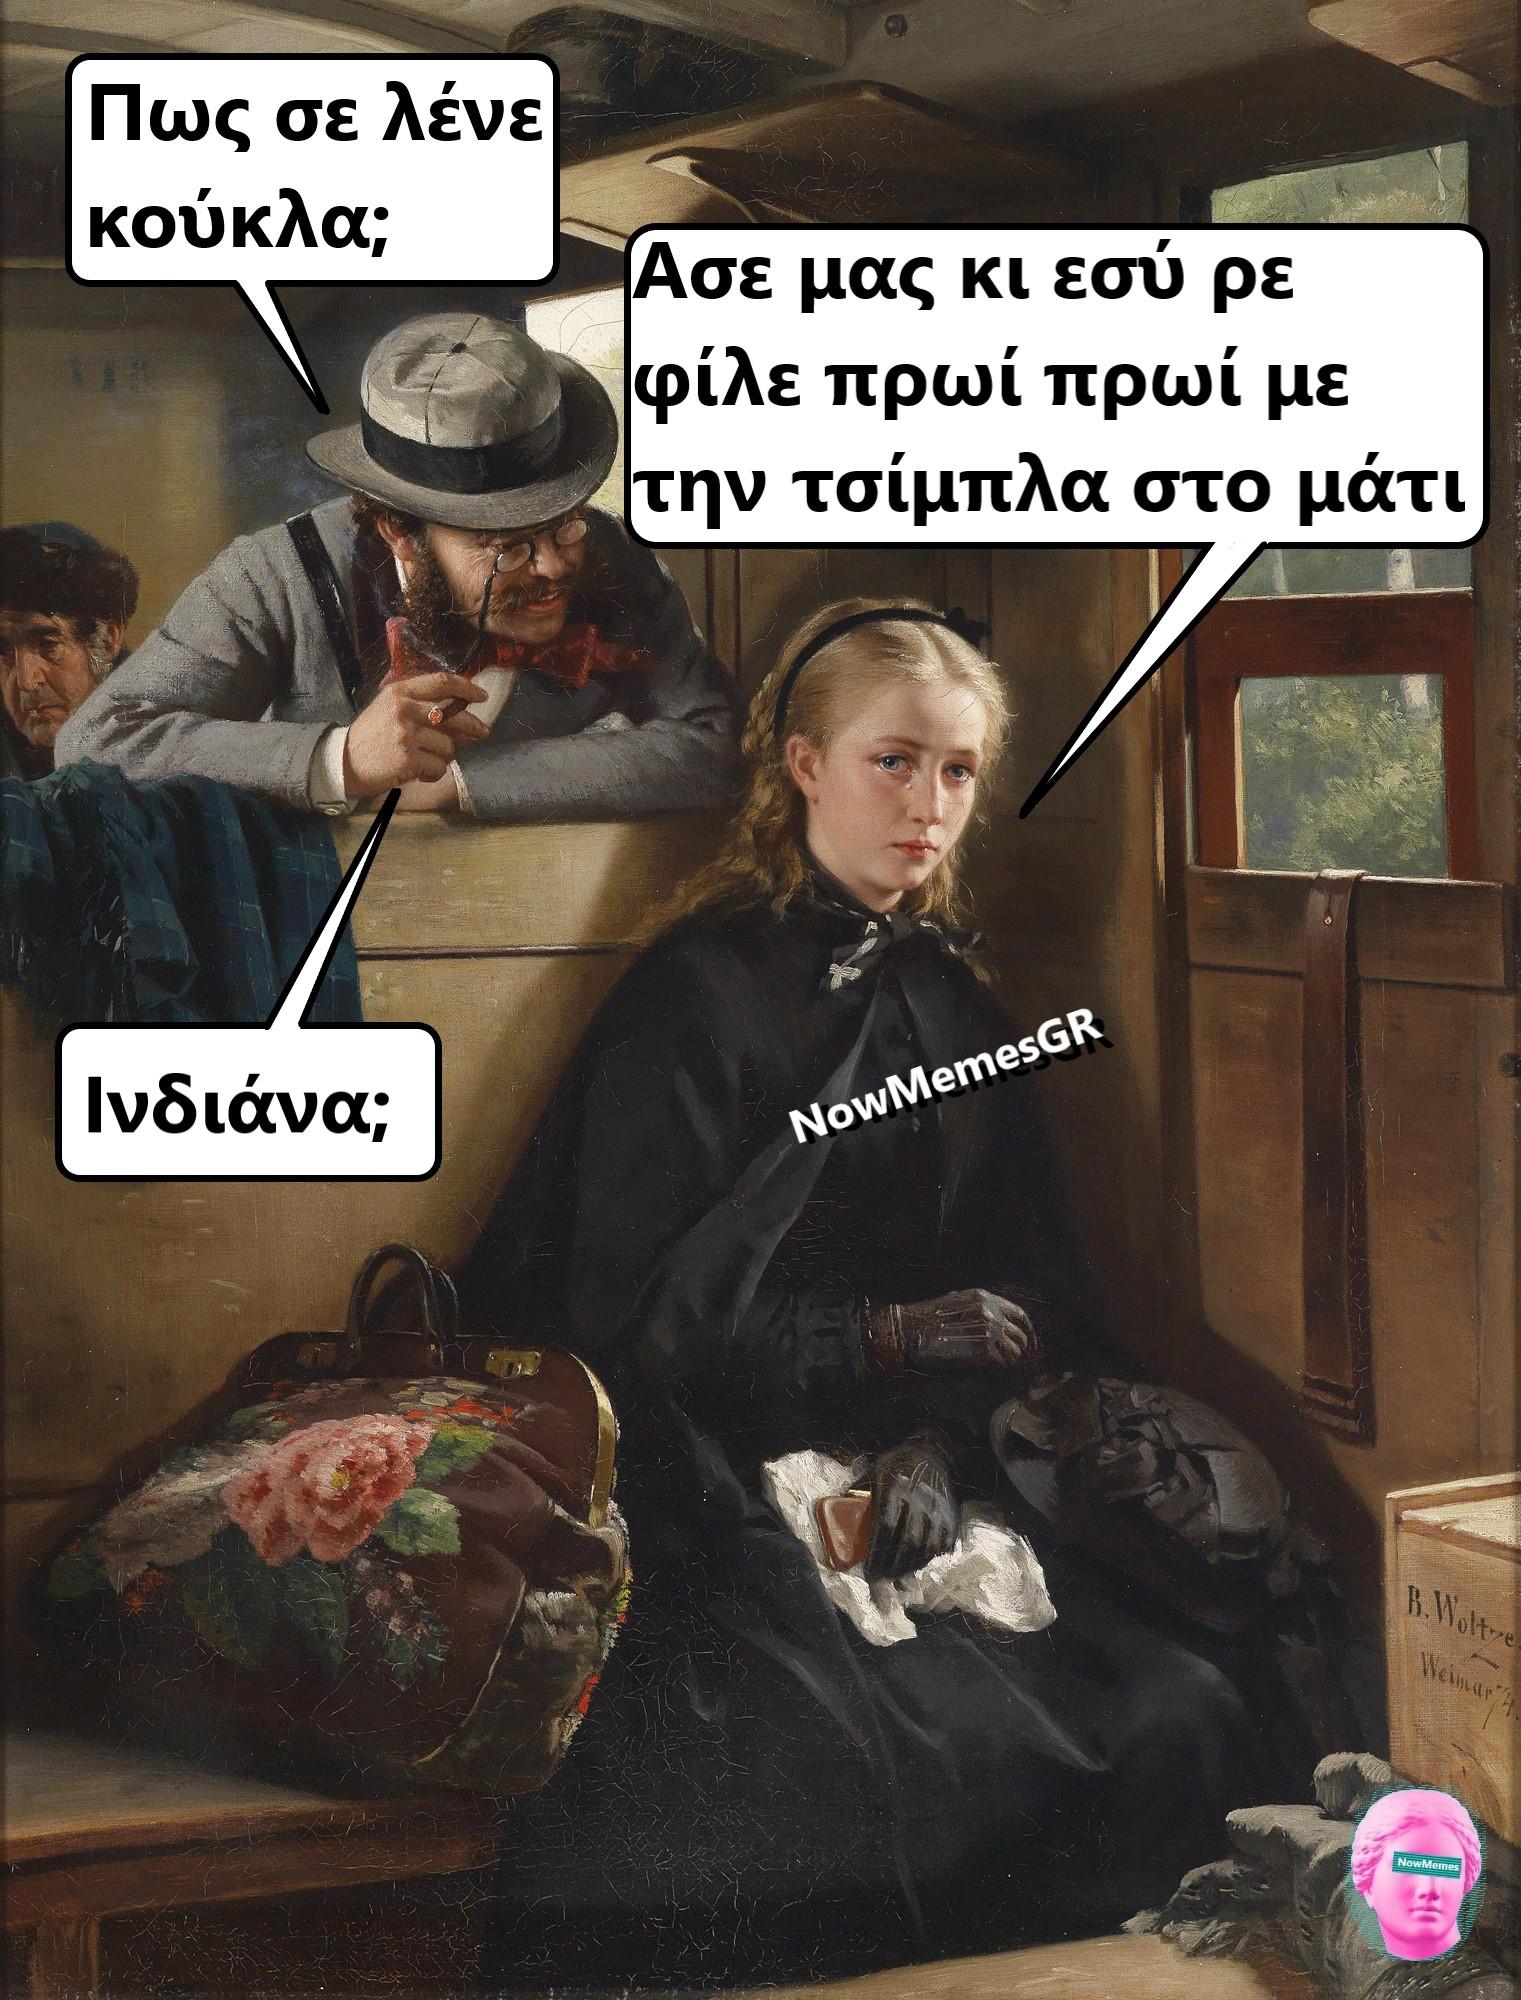 2674 Σαρκαστικά, χιουμοριστικά αρχαία memes 1